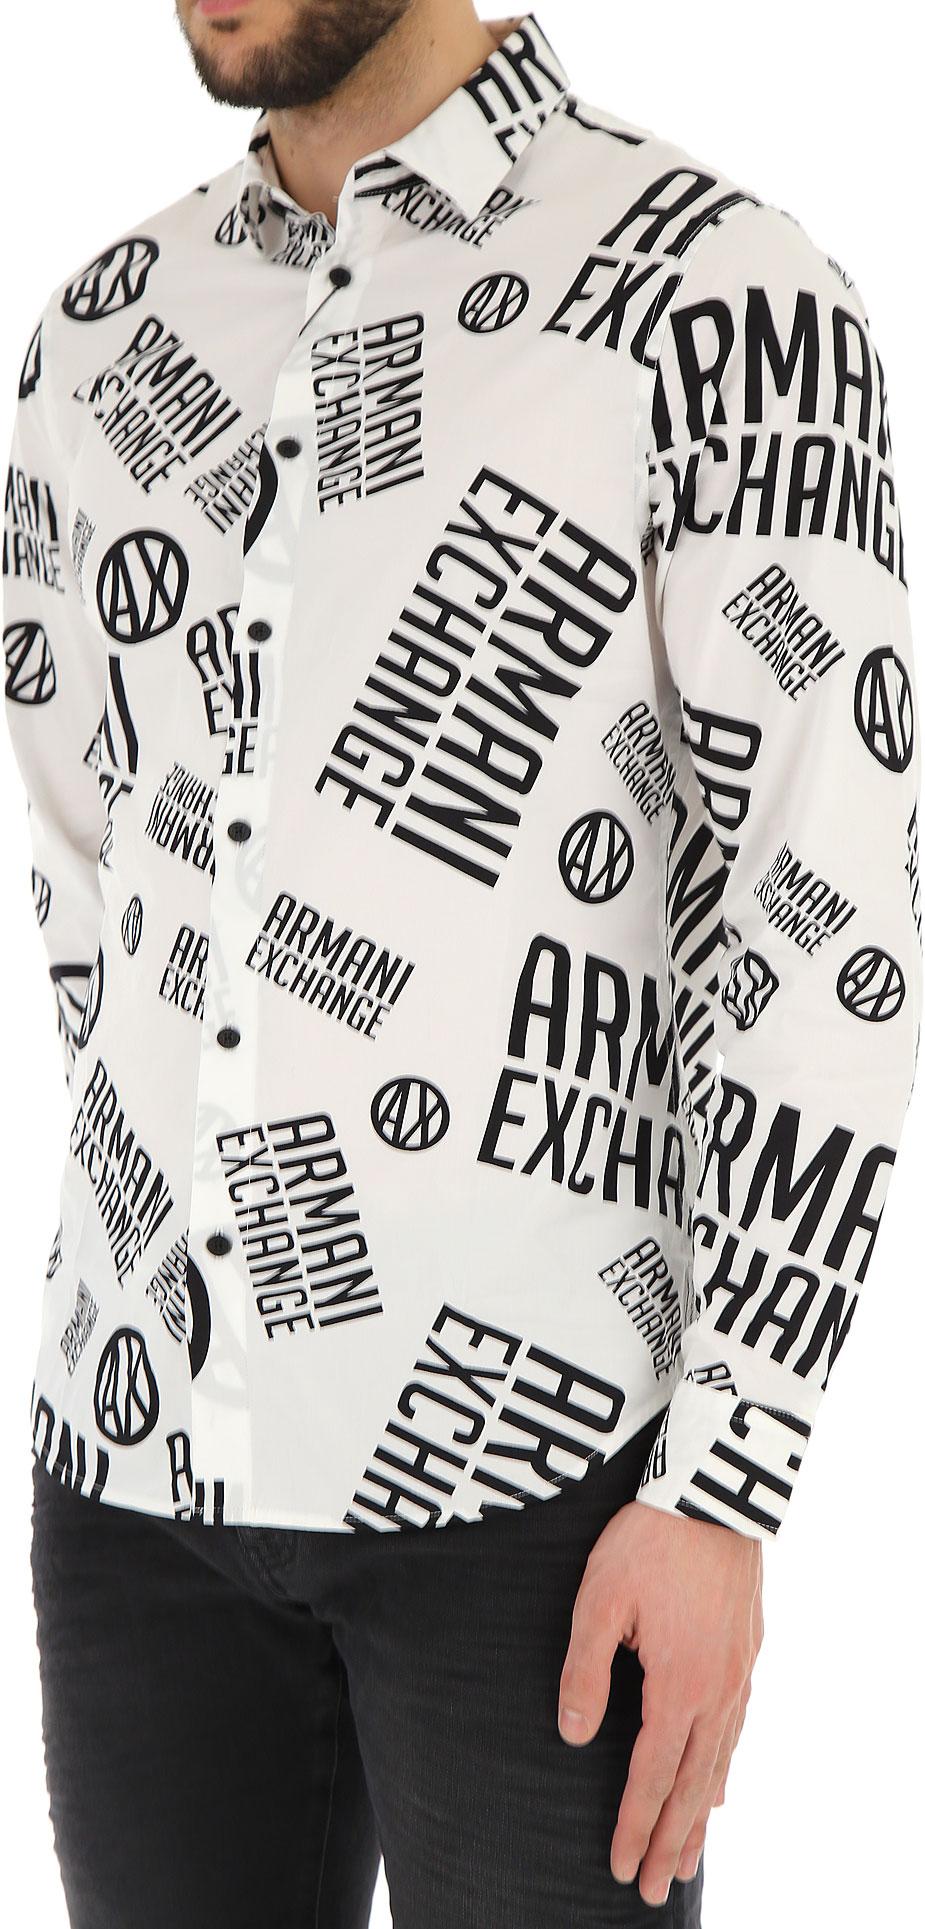 Abbigliamento Uomo Emporio Armani, Codice Articolo: 3zzc65-znalz-0194